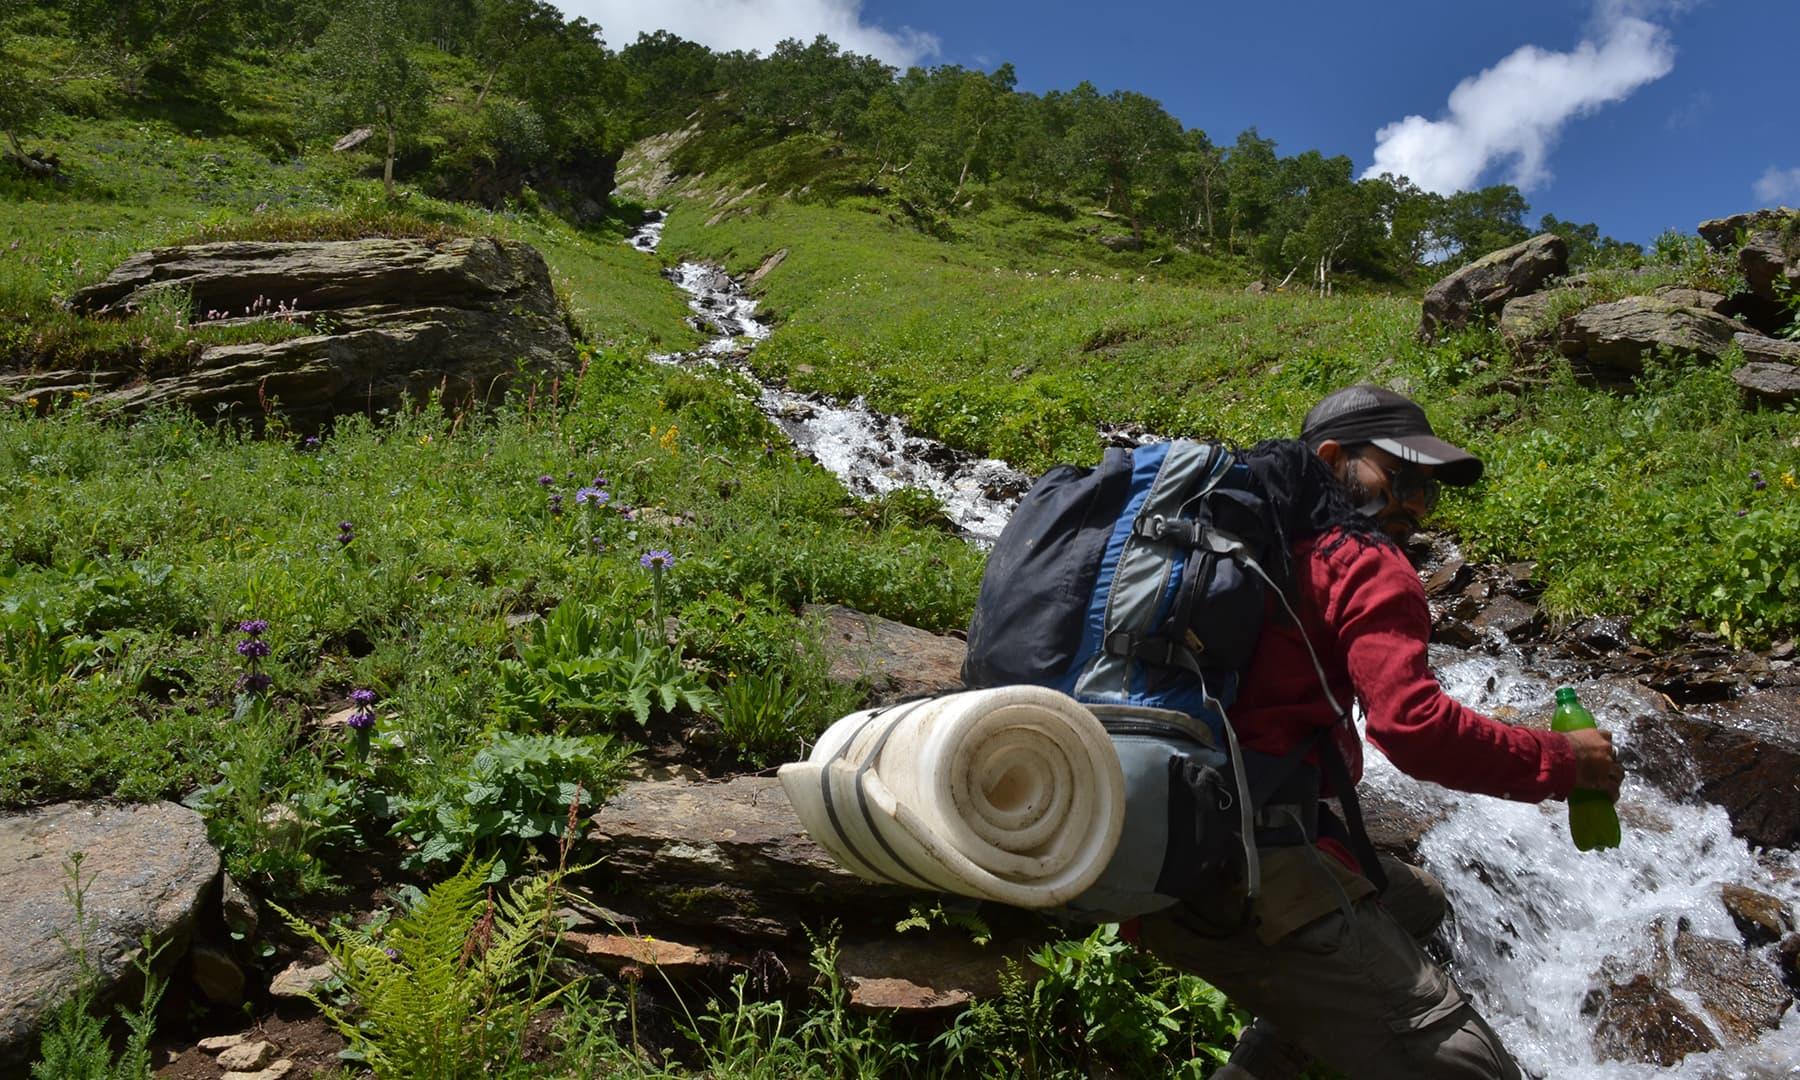 وادی میں خوبصورت چشموں اور آبشاروں کی بہتات ہے—اعجاز بھٹی